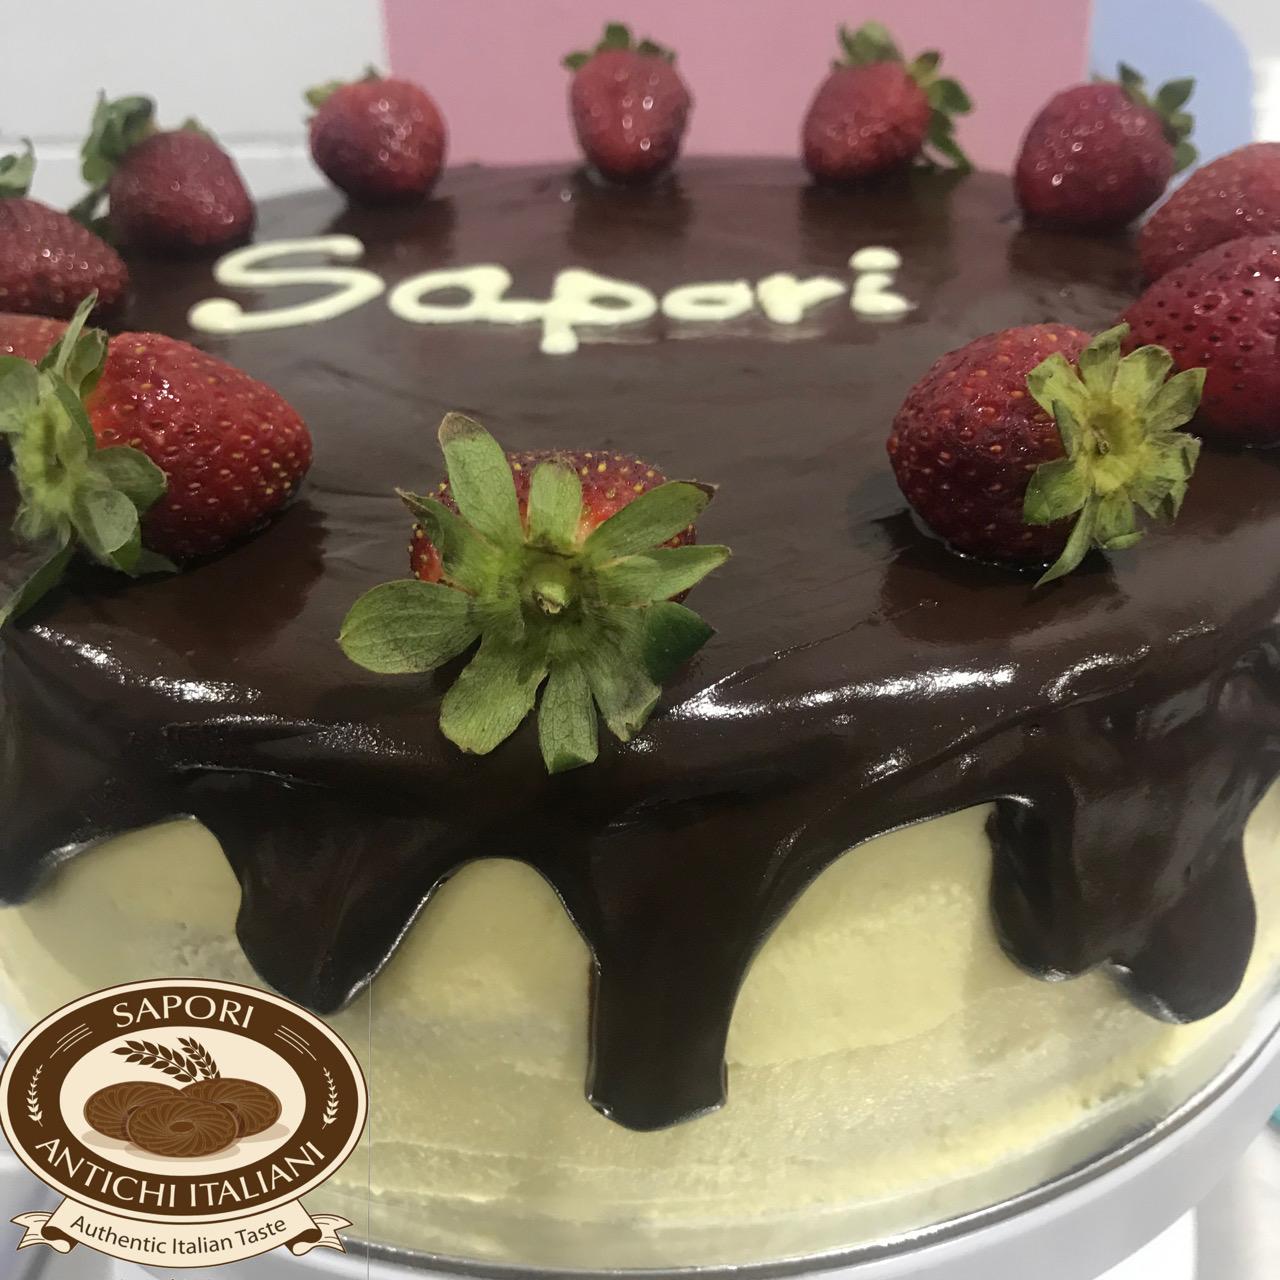 Sapori's cake